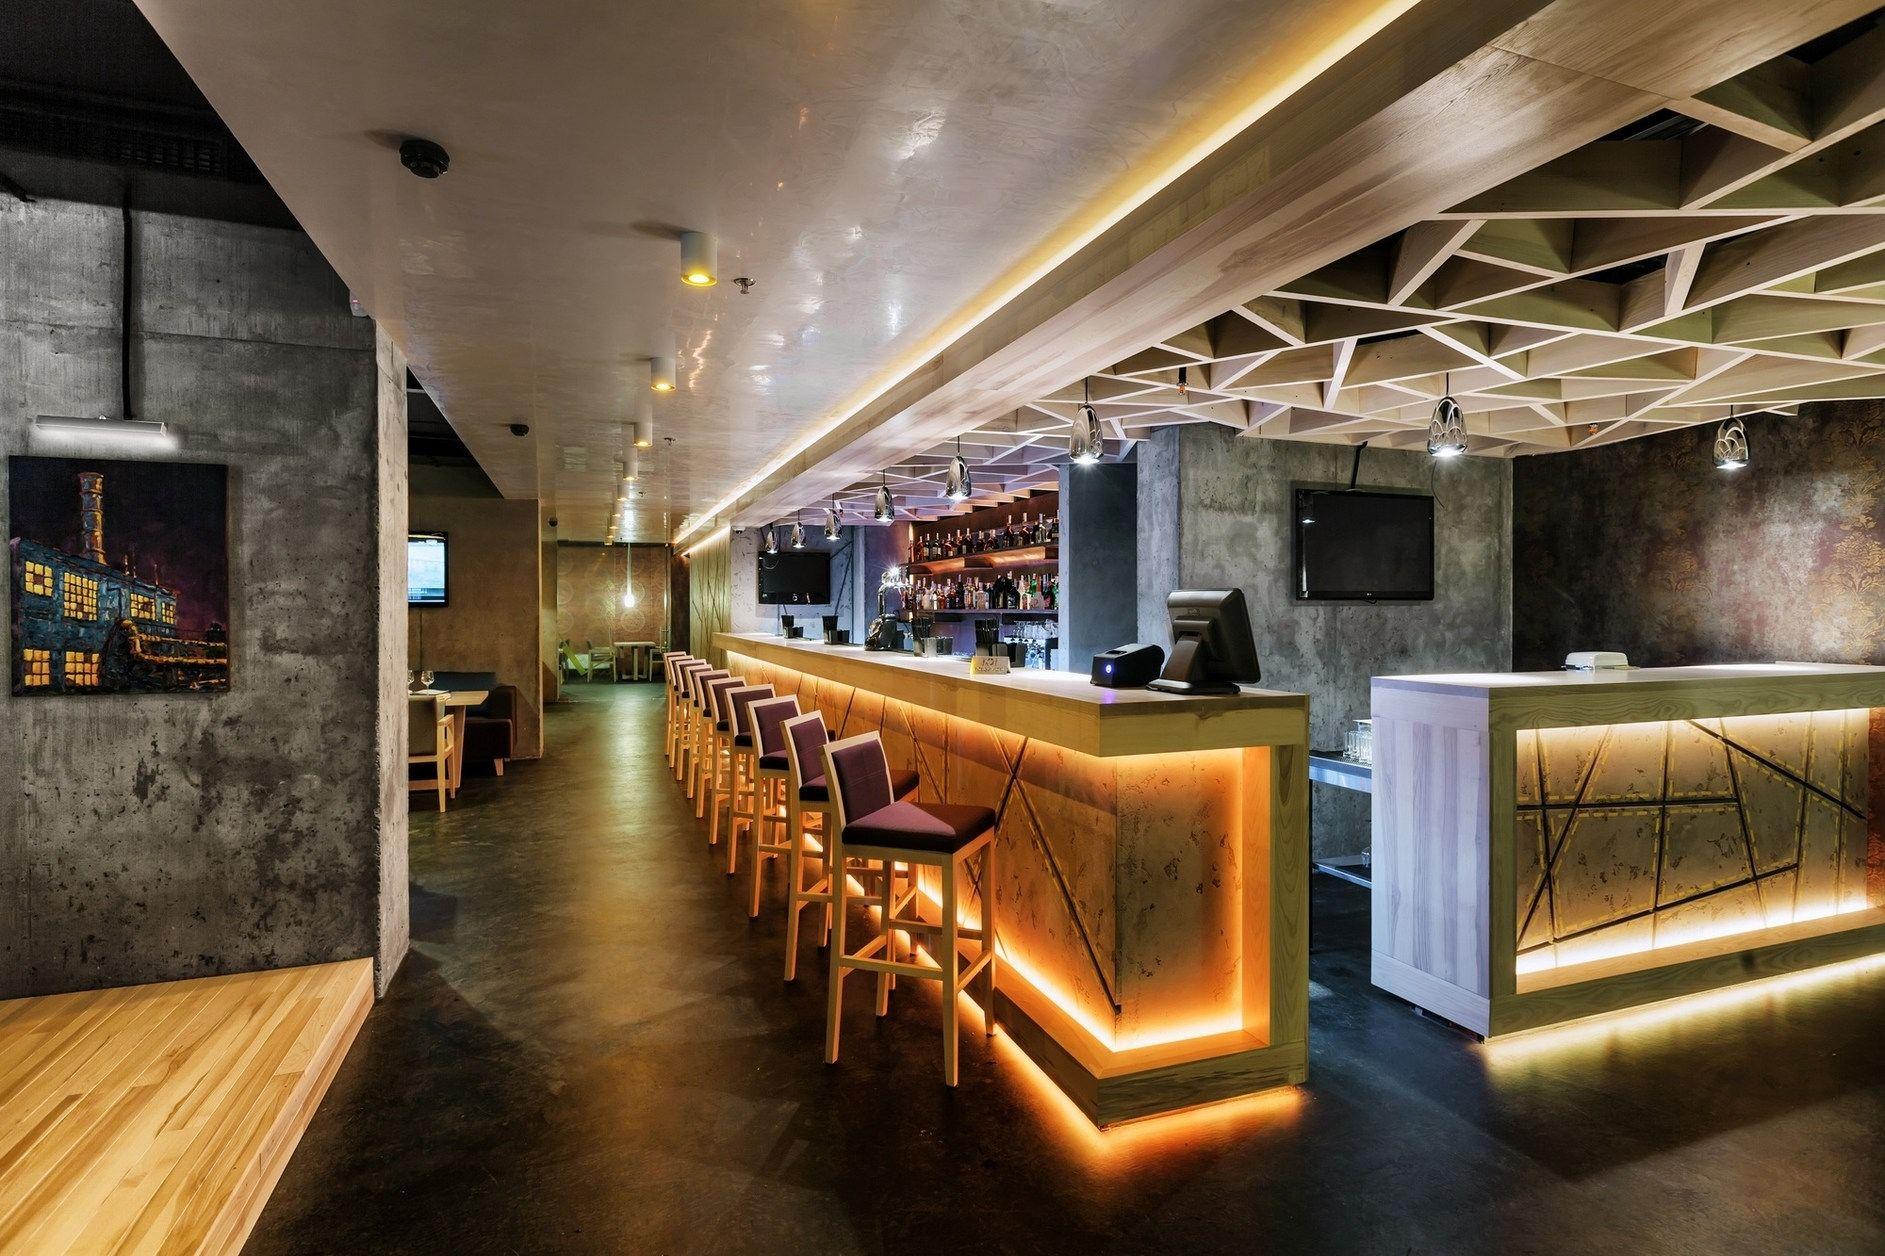 Beton Restaurant Interior Design   Designed by Yunakov Architects